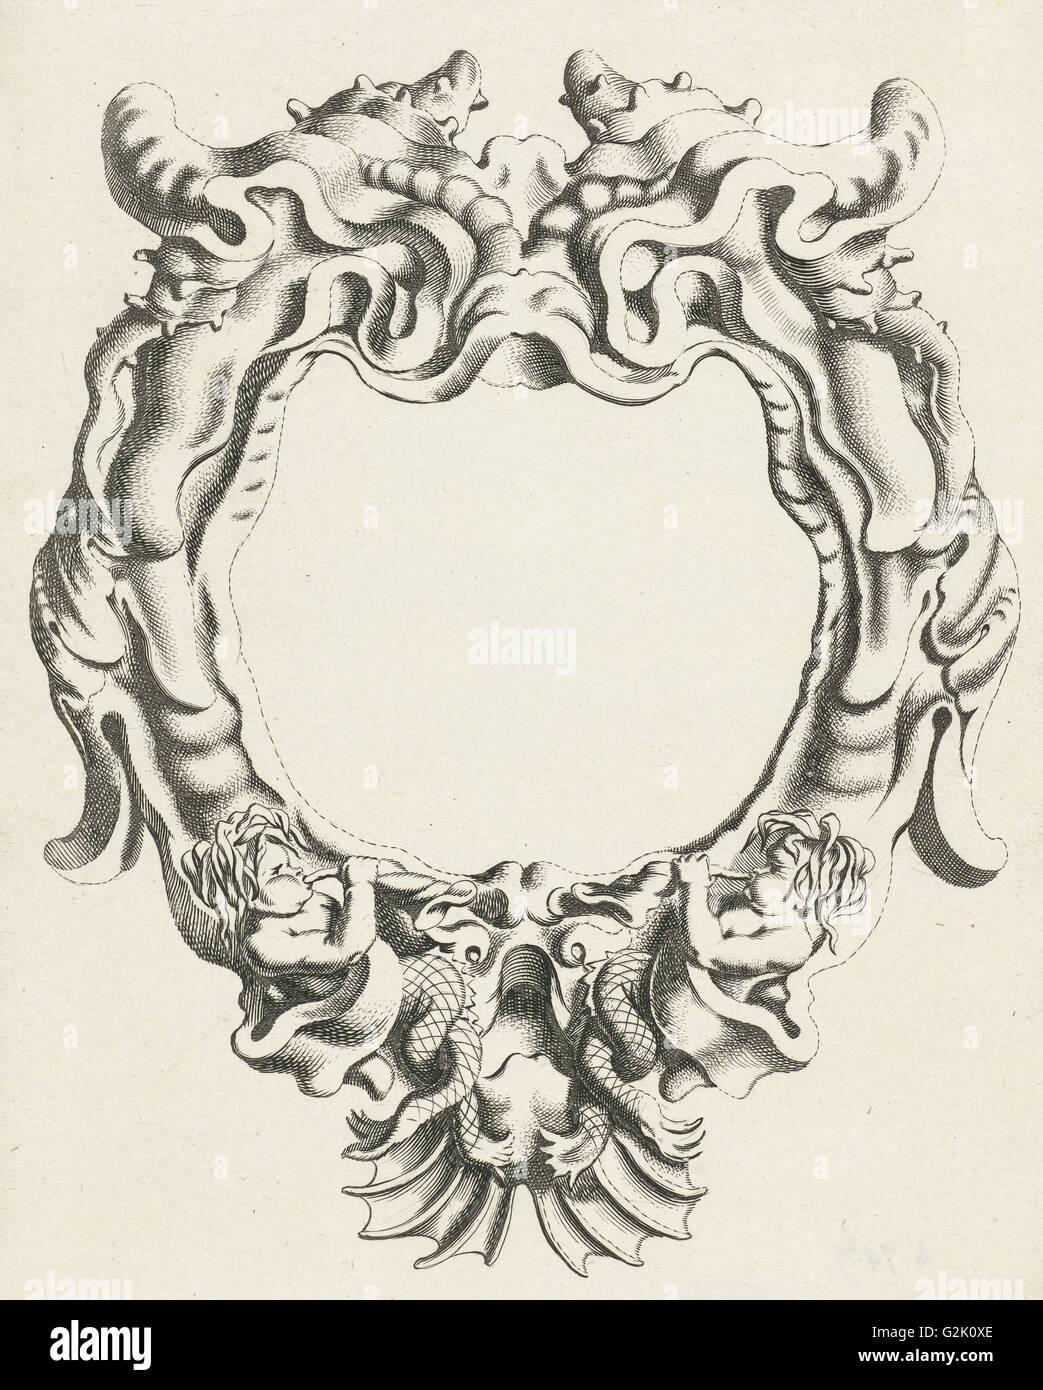 Cartouche with lobe ornament, down two sea gods, Michiel Mosijn, Gerbrand van den Eeckhout, Clement de Jonghe, 1640 - Stock Image